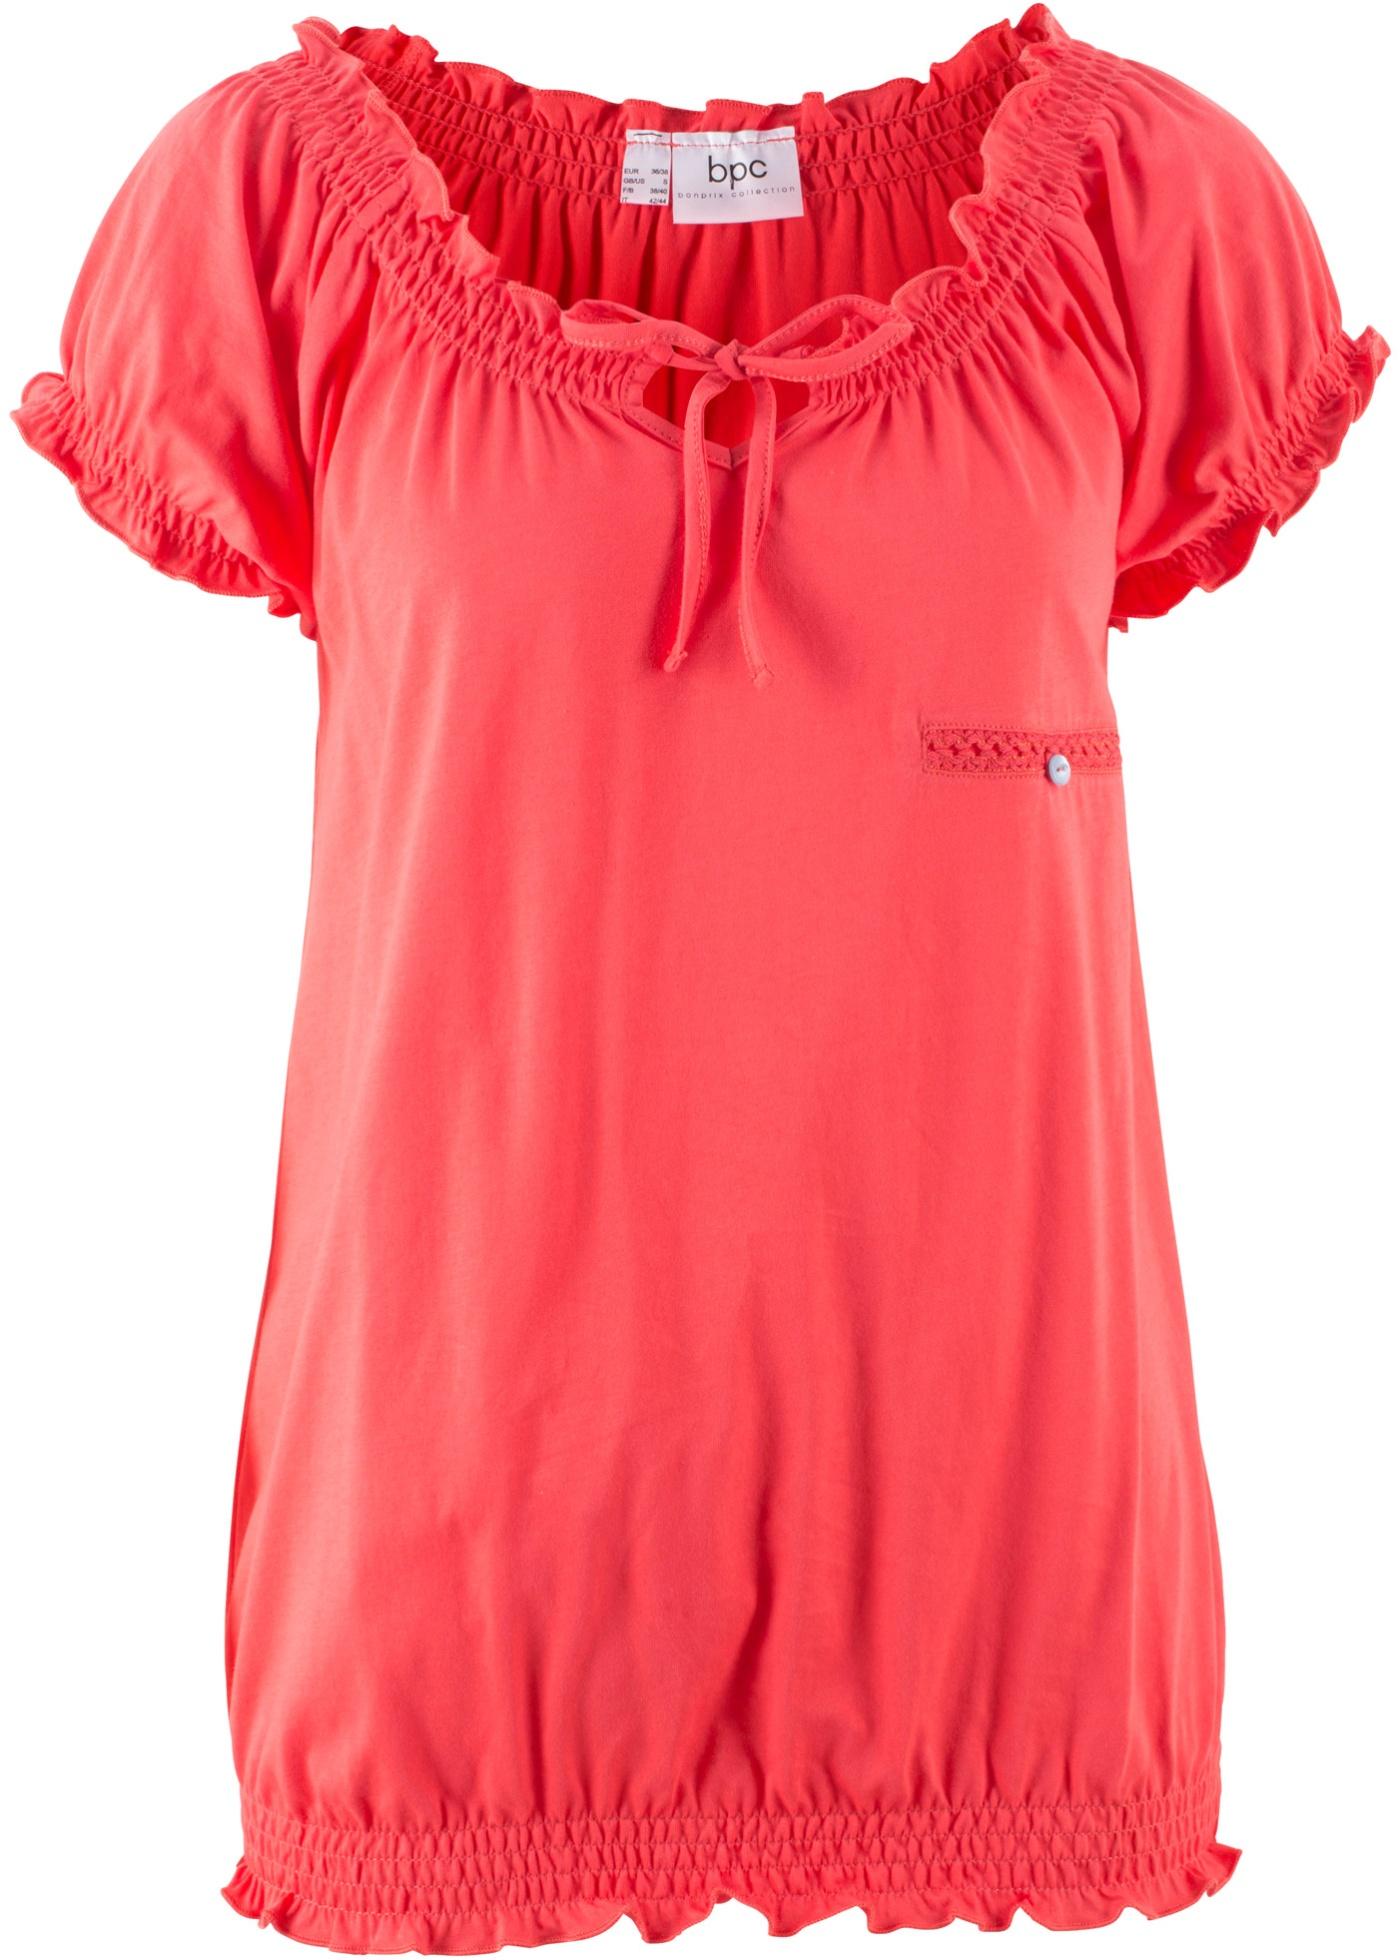 shirt CollectionT Bpc Bonprix Rouge Femme Courtes Manches Pour vY7g6ybf